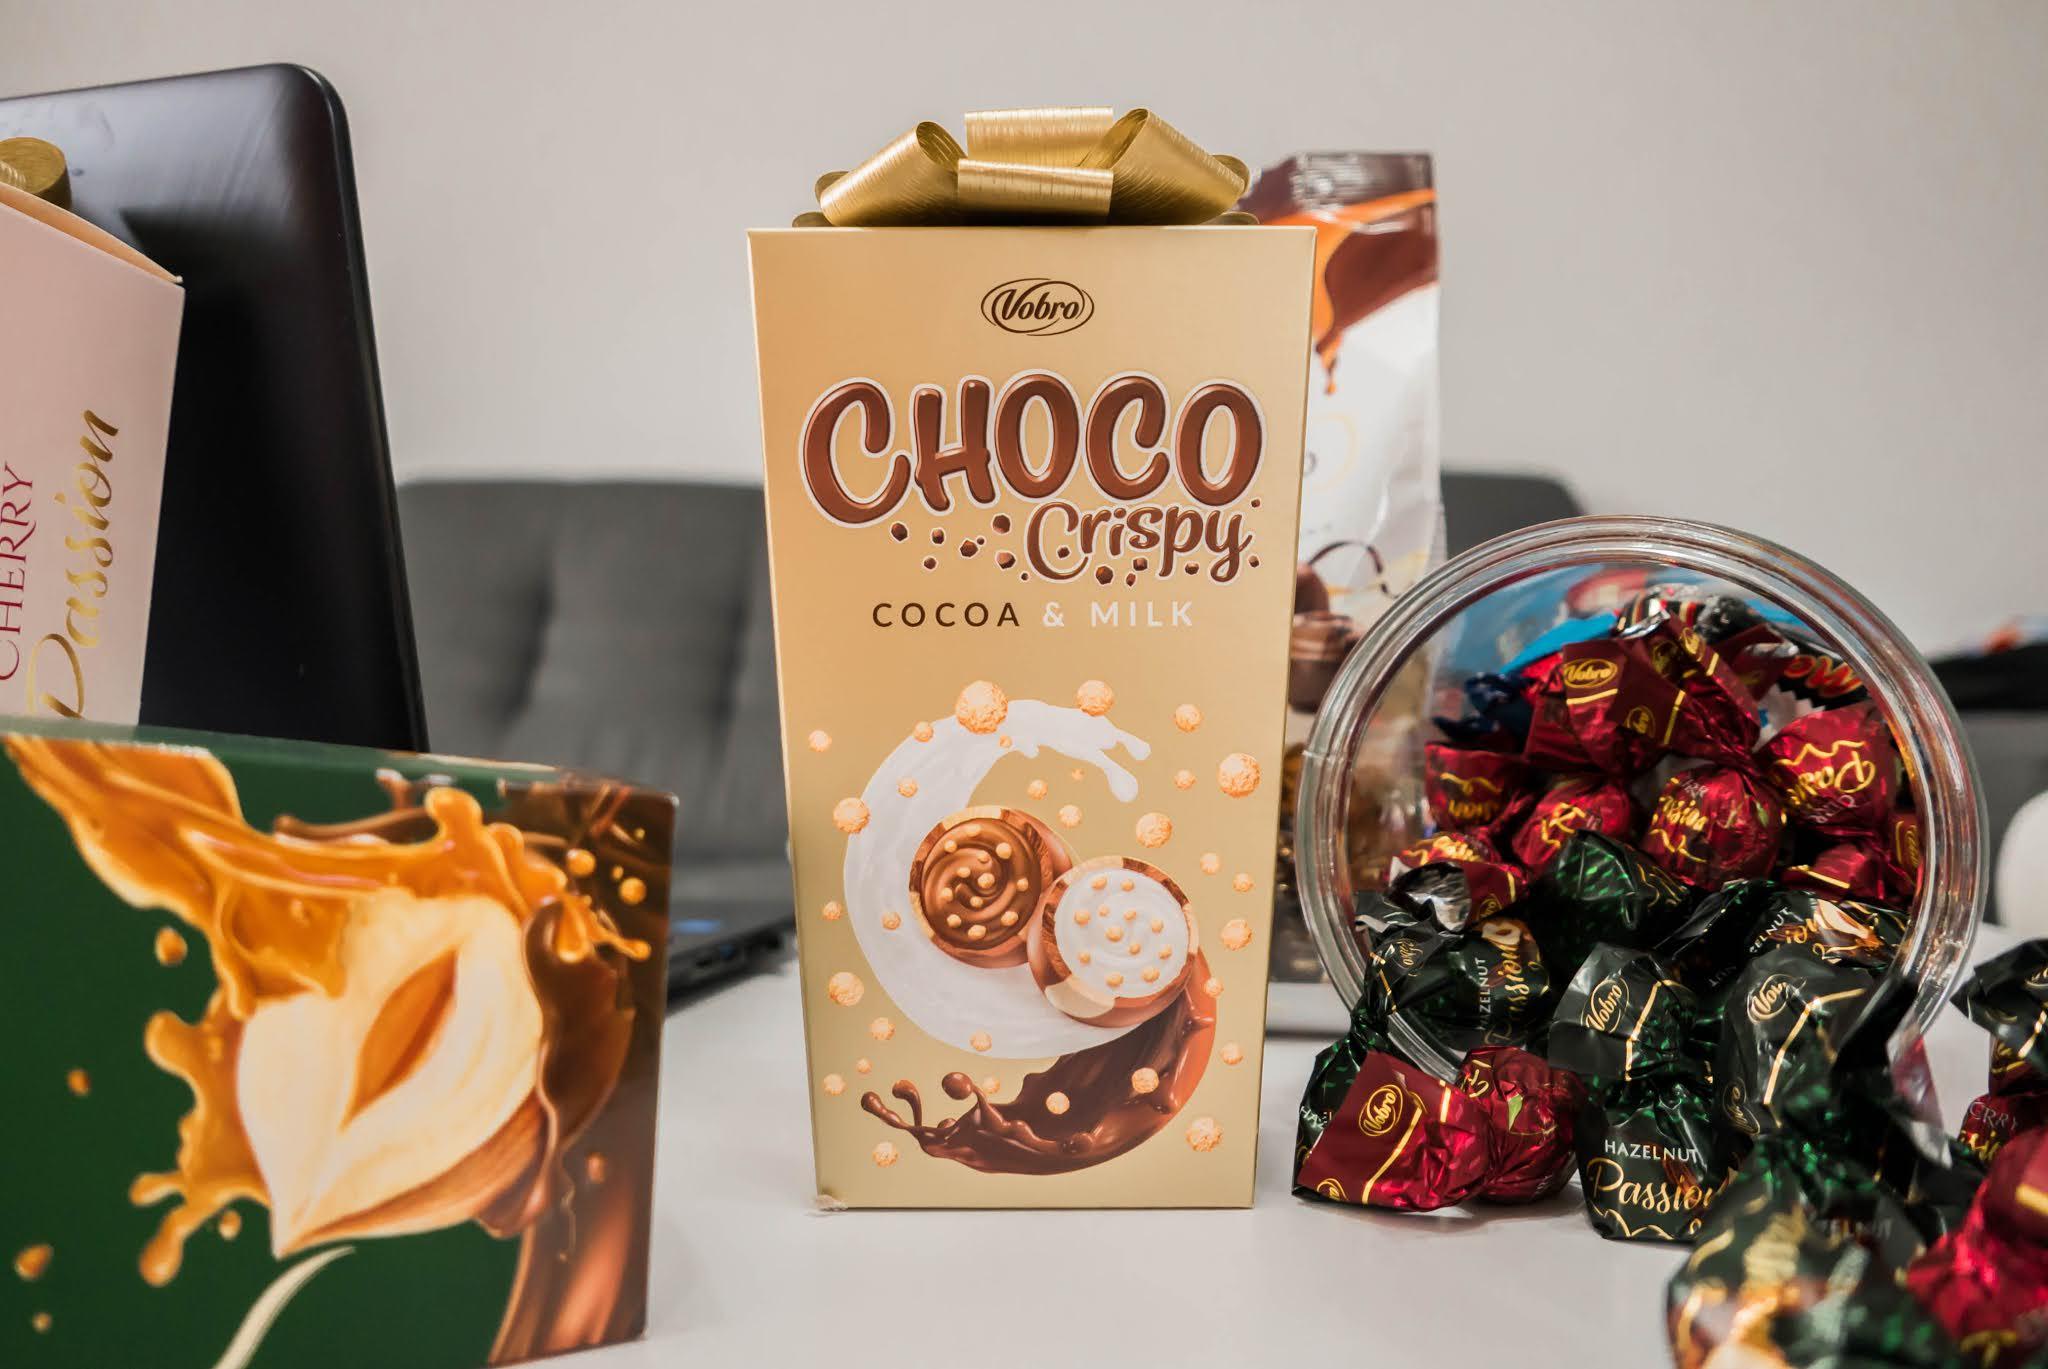 Vobro Choco Crispy Cocoa & Milk